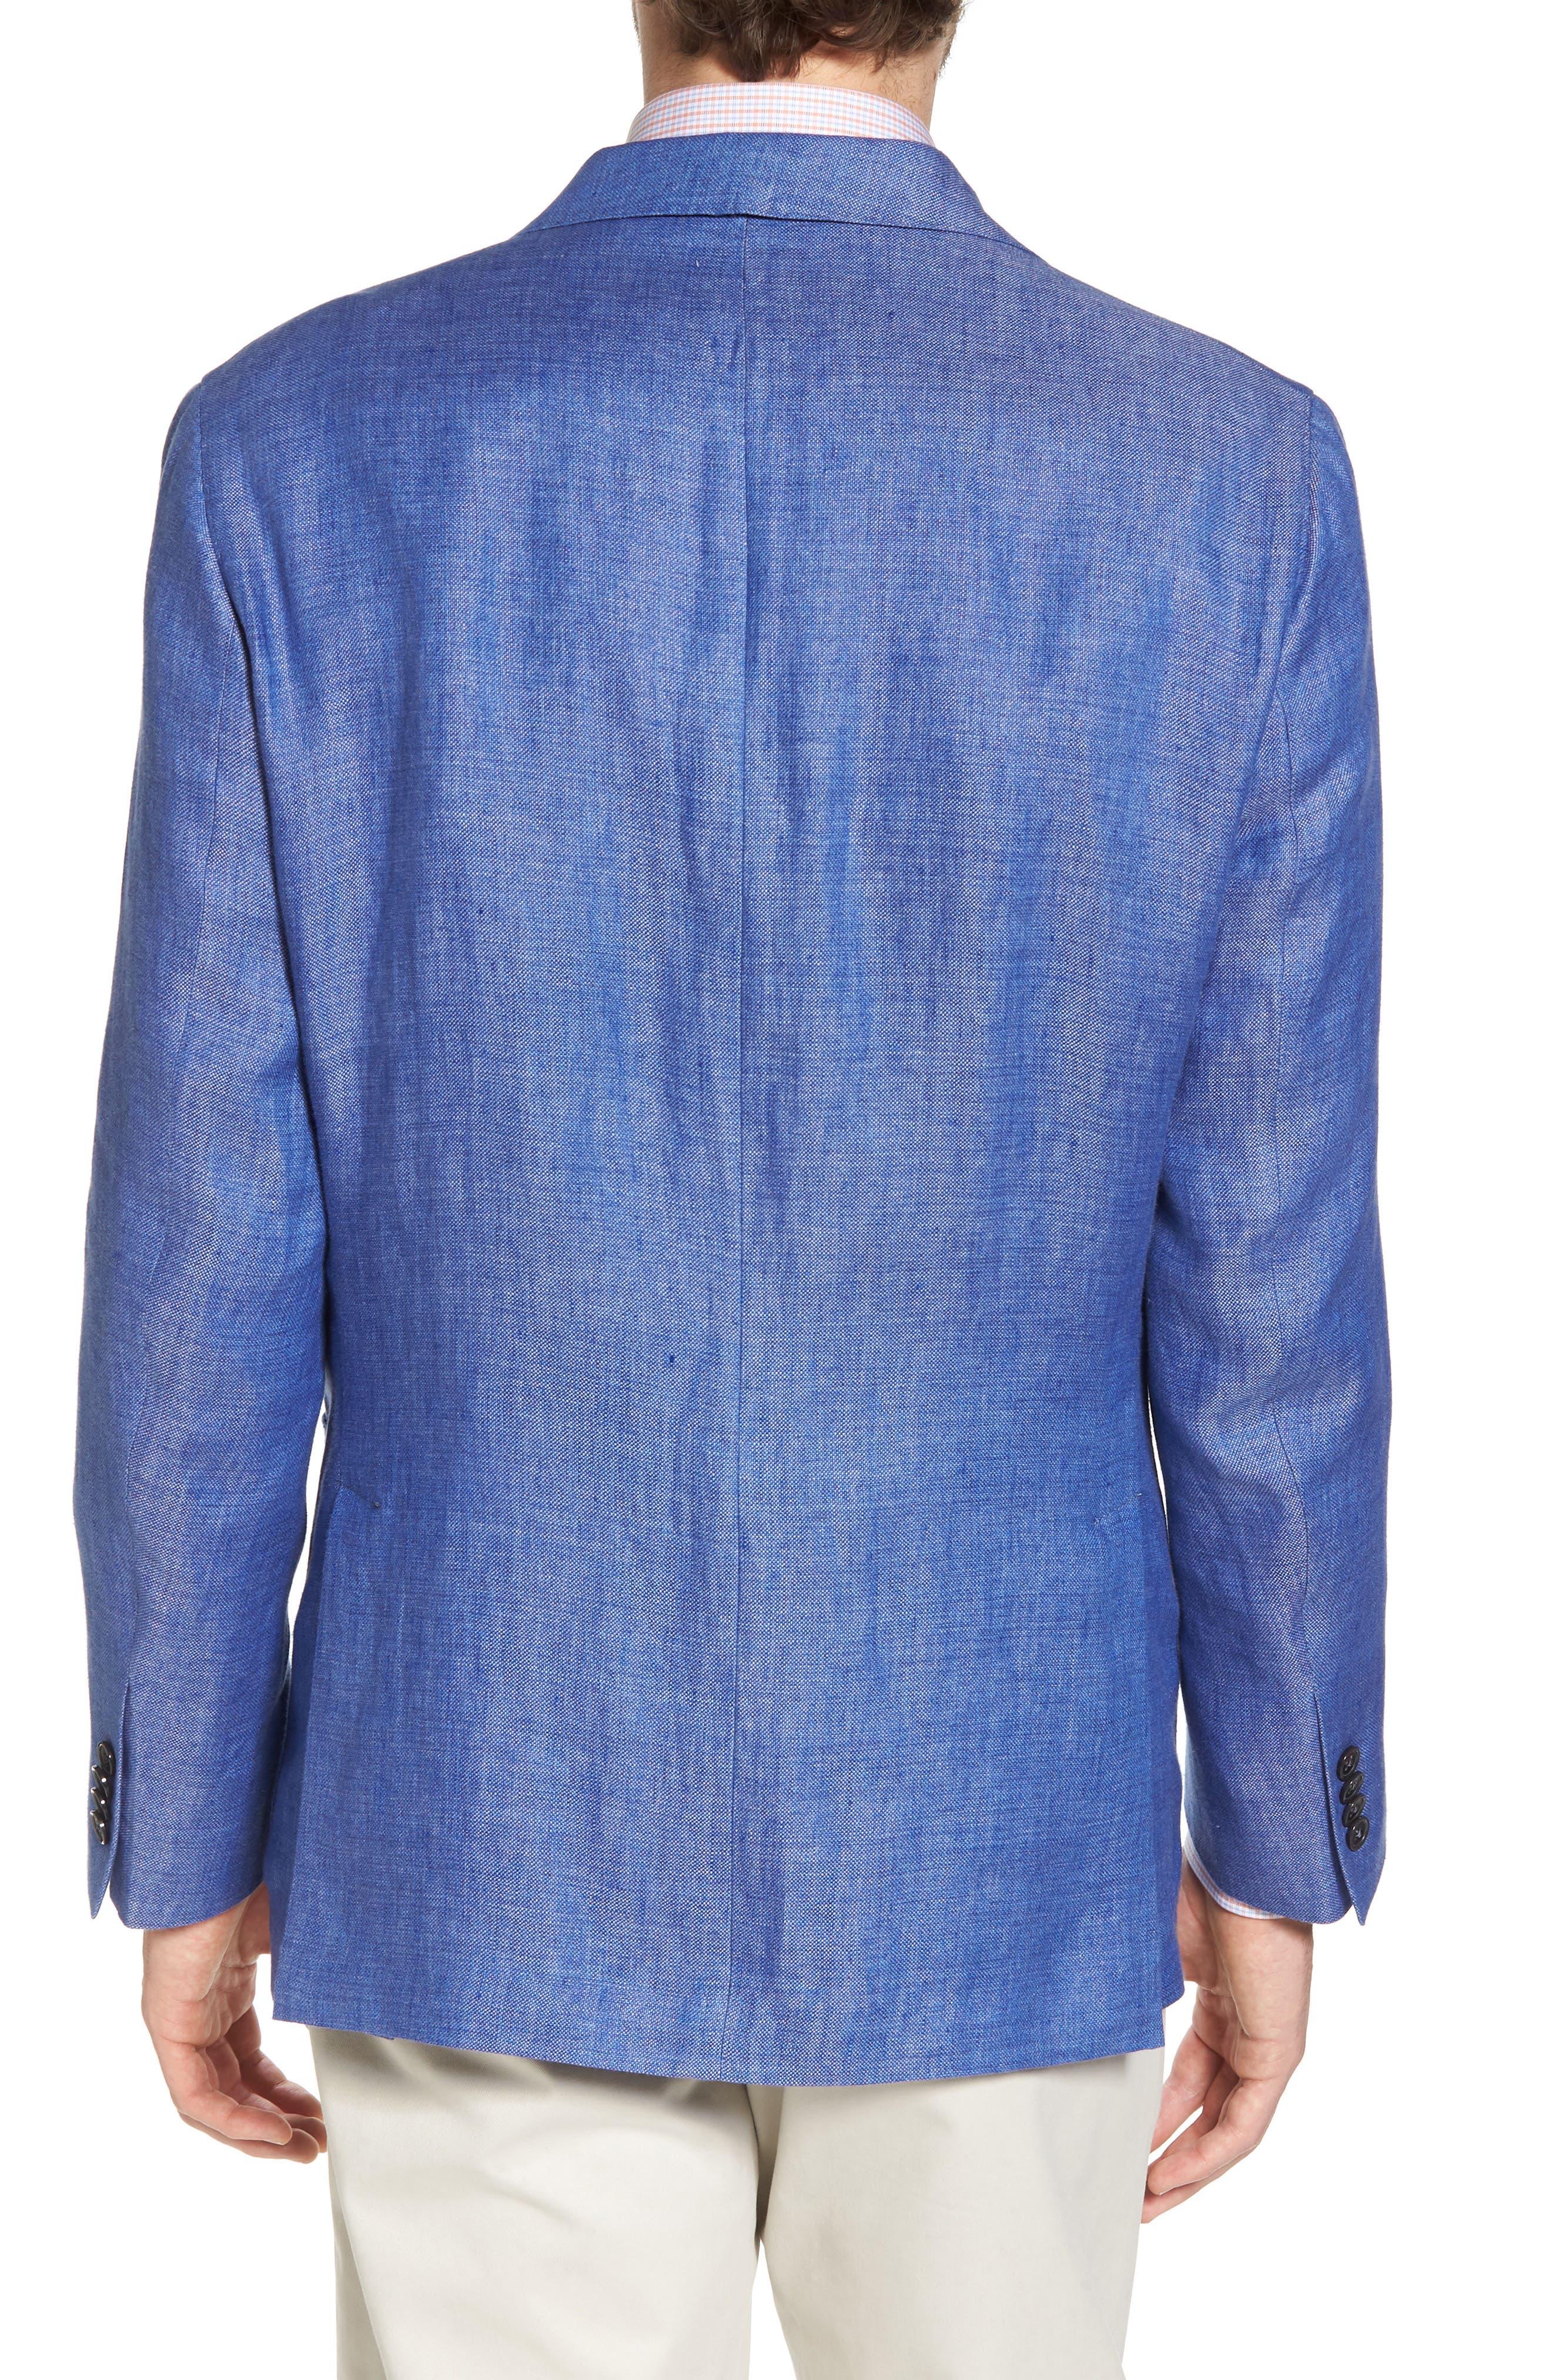 Aiden Classic Fit Linen Blazer,                             Alternate thumbnail 2, color,                             400